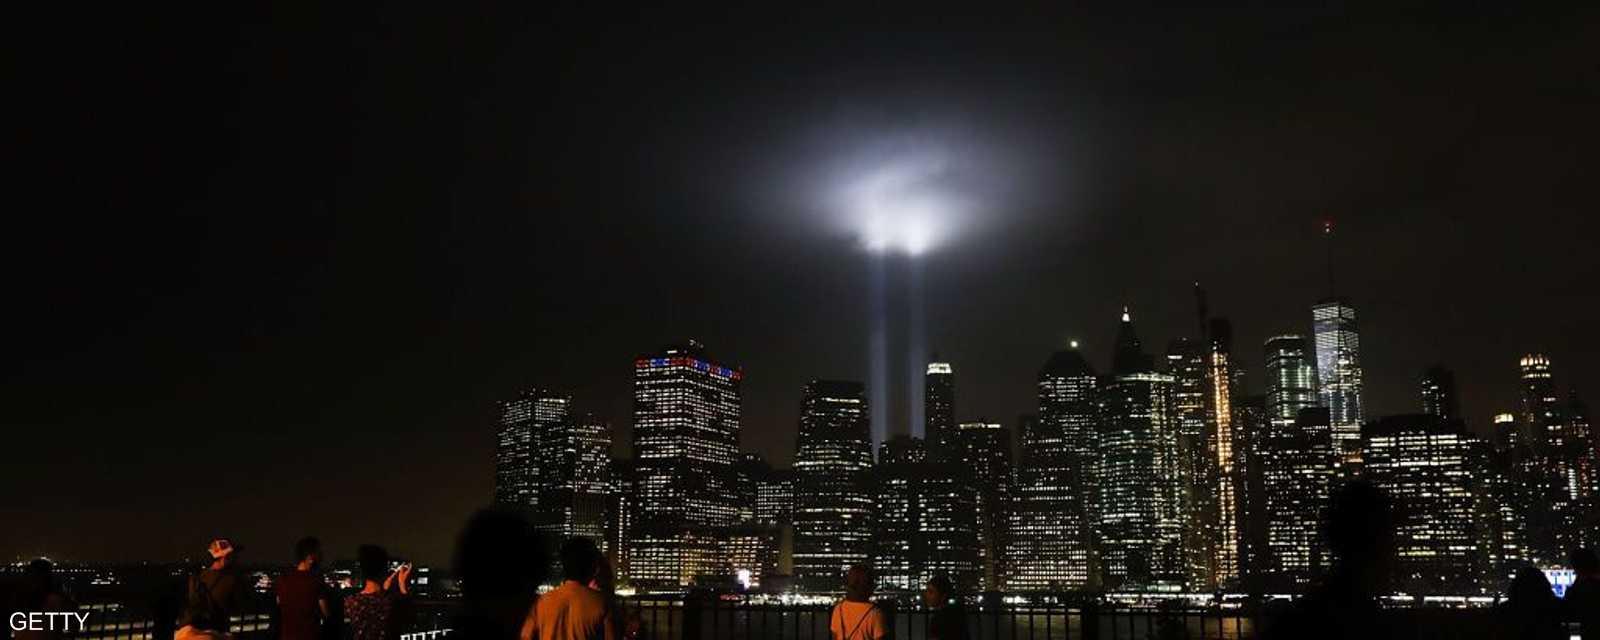 نيويورك تتذكر ضحاياها في الذكرى الثامنة عشرة لهجمات 11 سبتمبر.